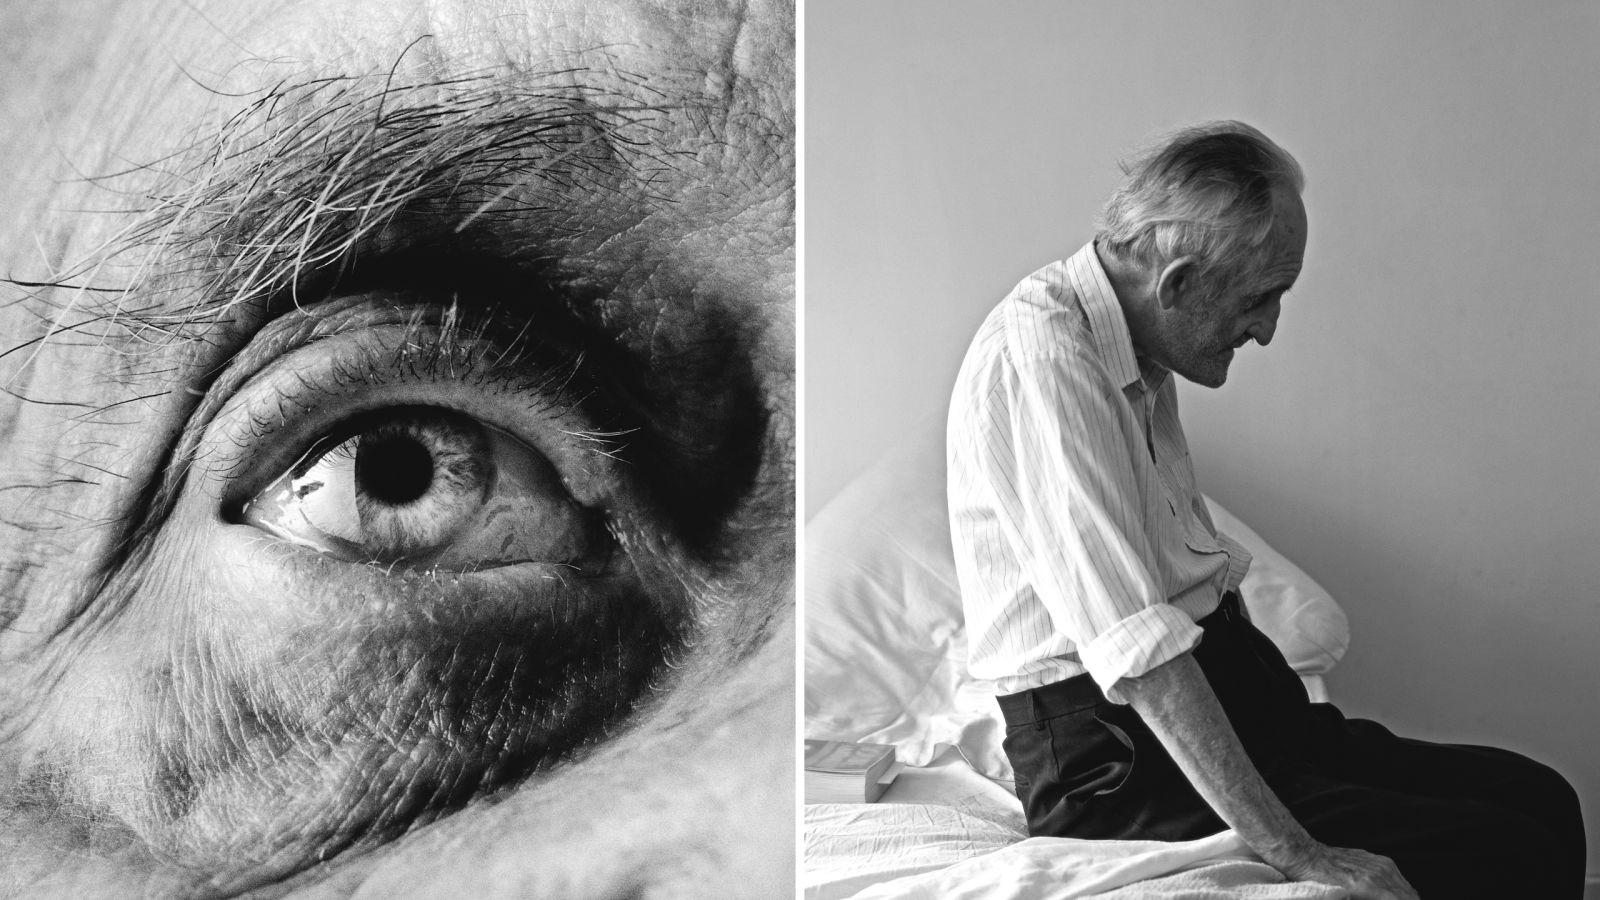 Raising awareness around dementia